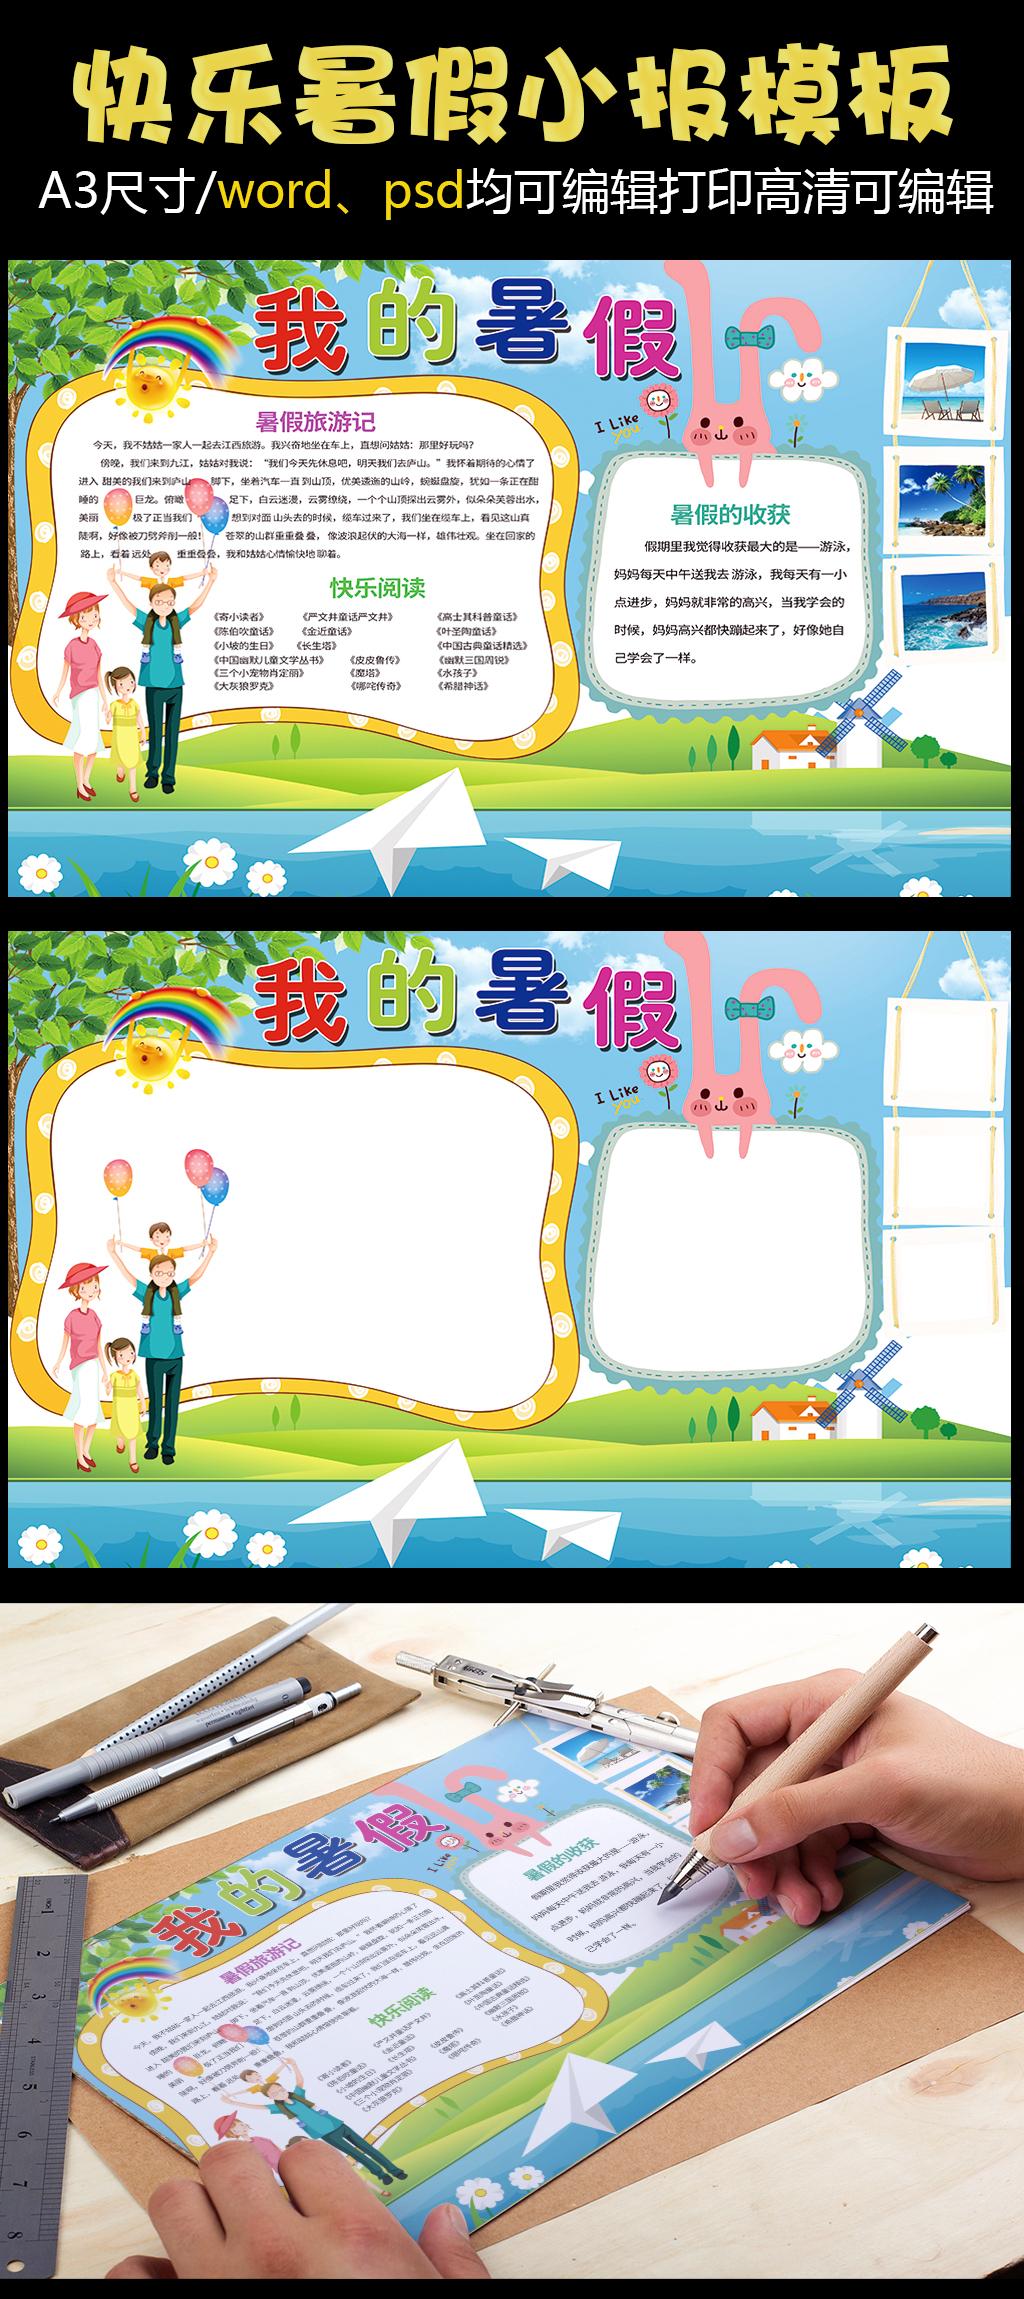 高清PSD下载 102.29MB mail27846527分享 寒暑假手抄报大全图片